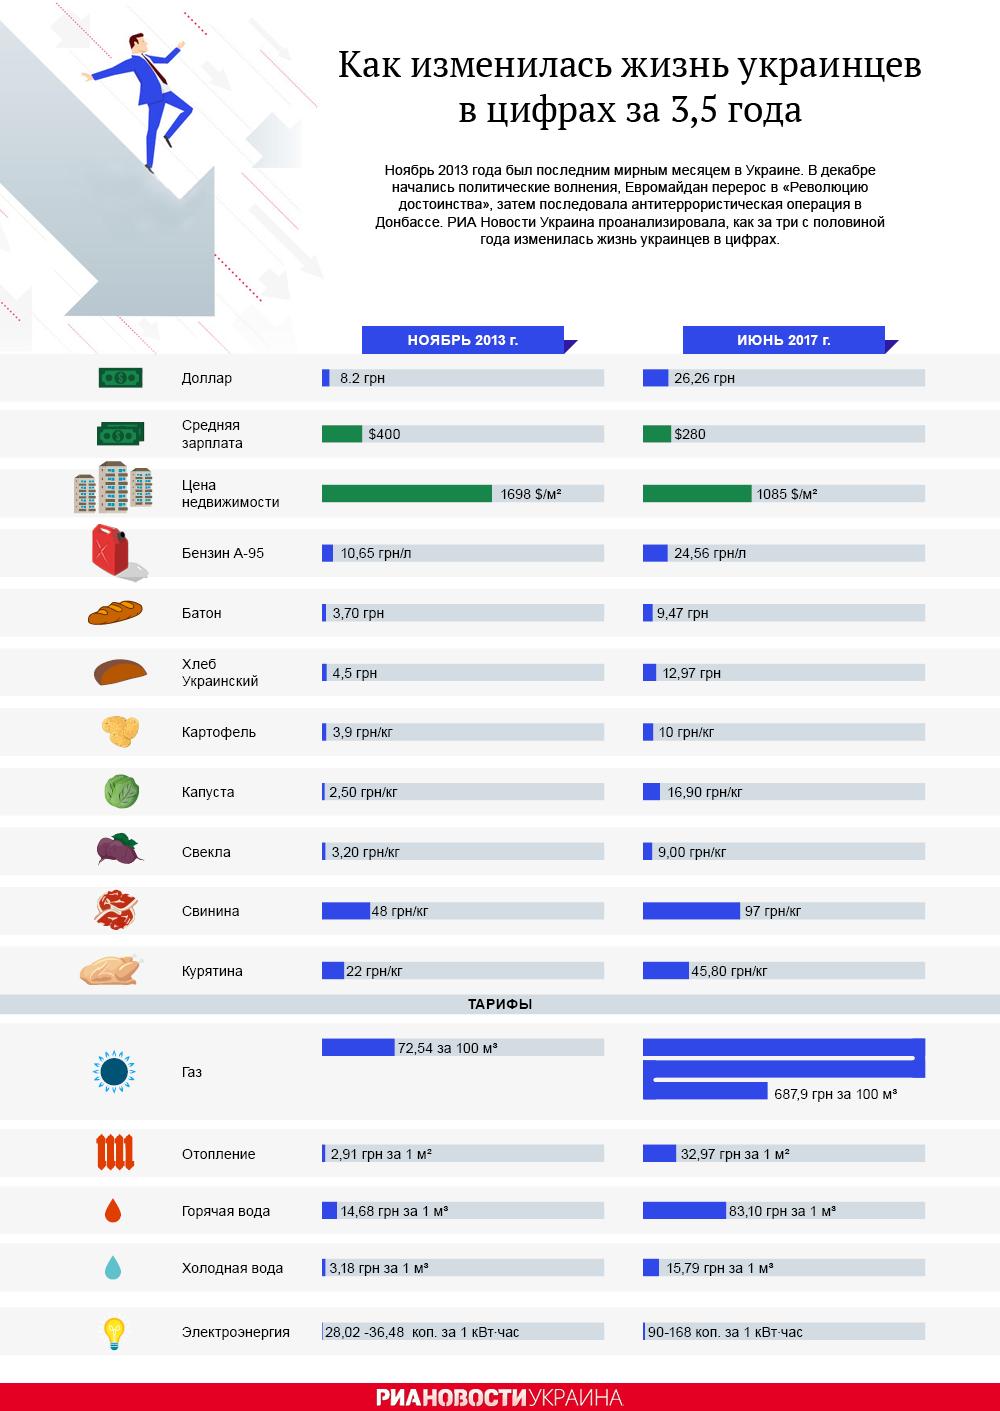 Инфографика: как изменилась жизнь украинцев за 3,5 года